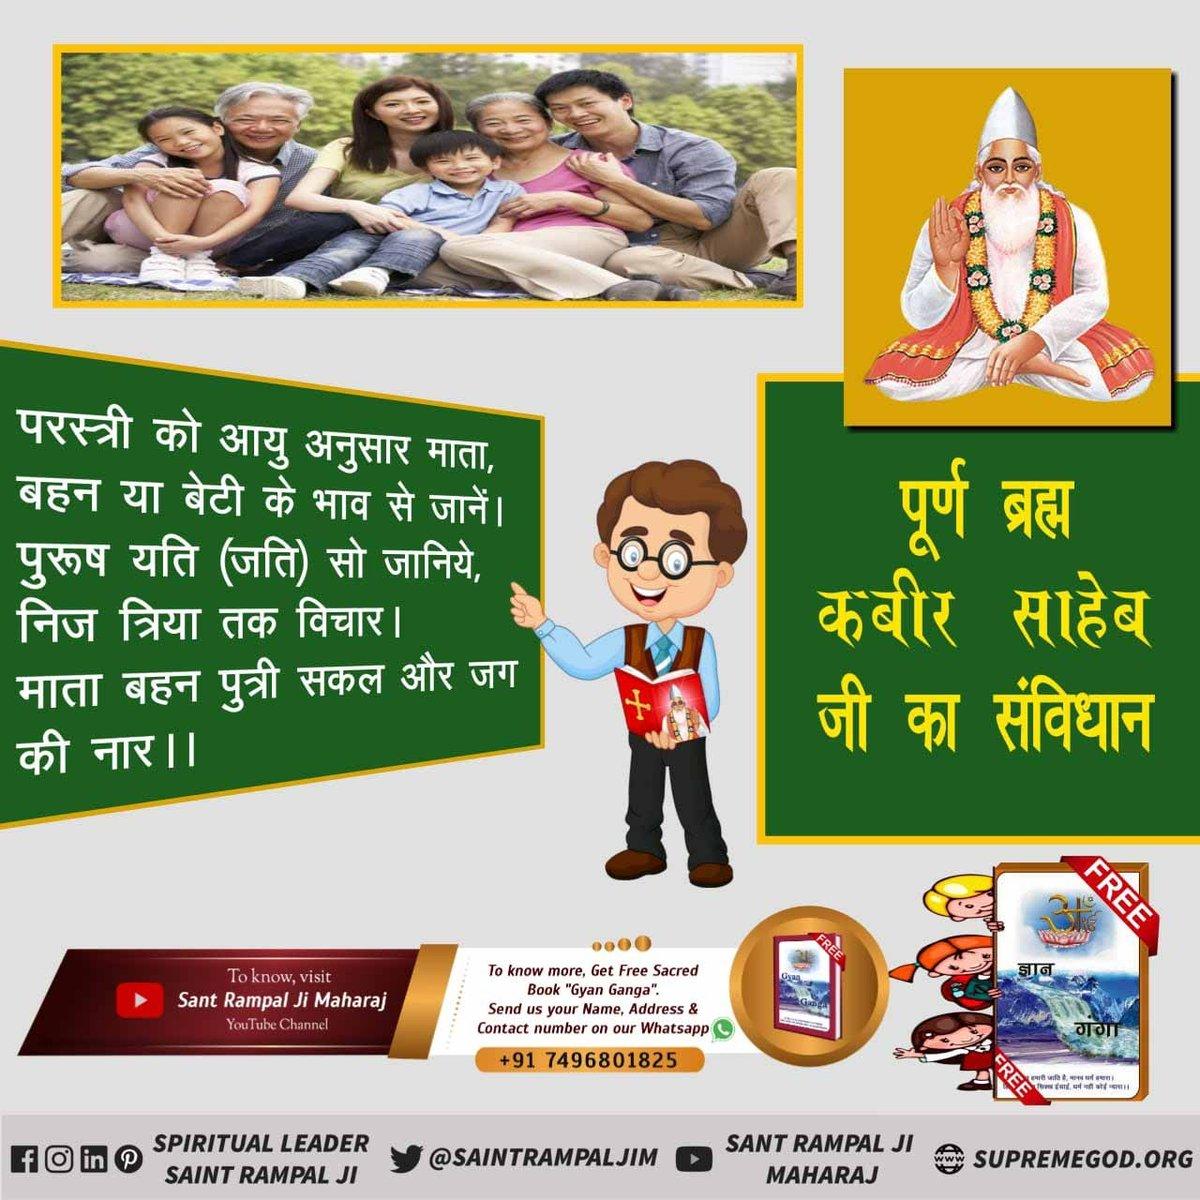 #ConstitutionOfTheSupremeGod Saint Rampal Ji  कड़वी शराब रूपी पानी जो पीता है, वह सत्तर जन्म तक कुत्ता बनता है। गंदी नालियों का पानी पीता है व गंद खाता है। मदिरा पीवै कड़वा पानी। सत्तर जन्म श्वान के जानी।। https://t.co/2XH2KqRZkk